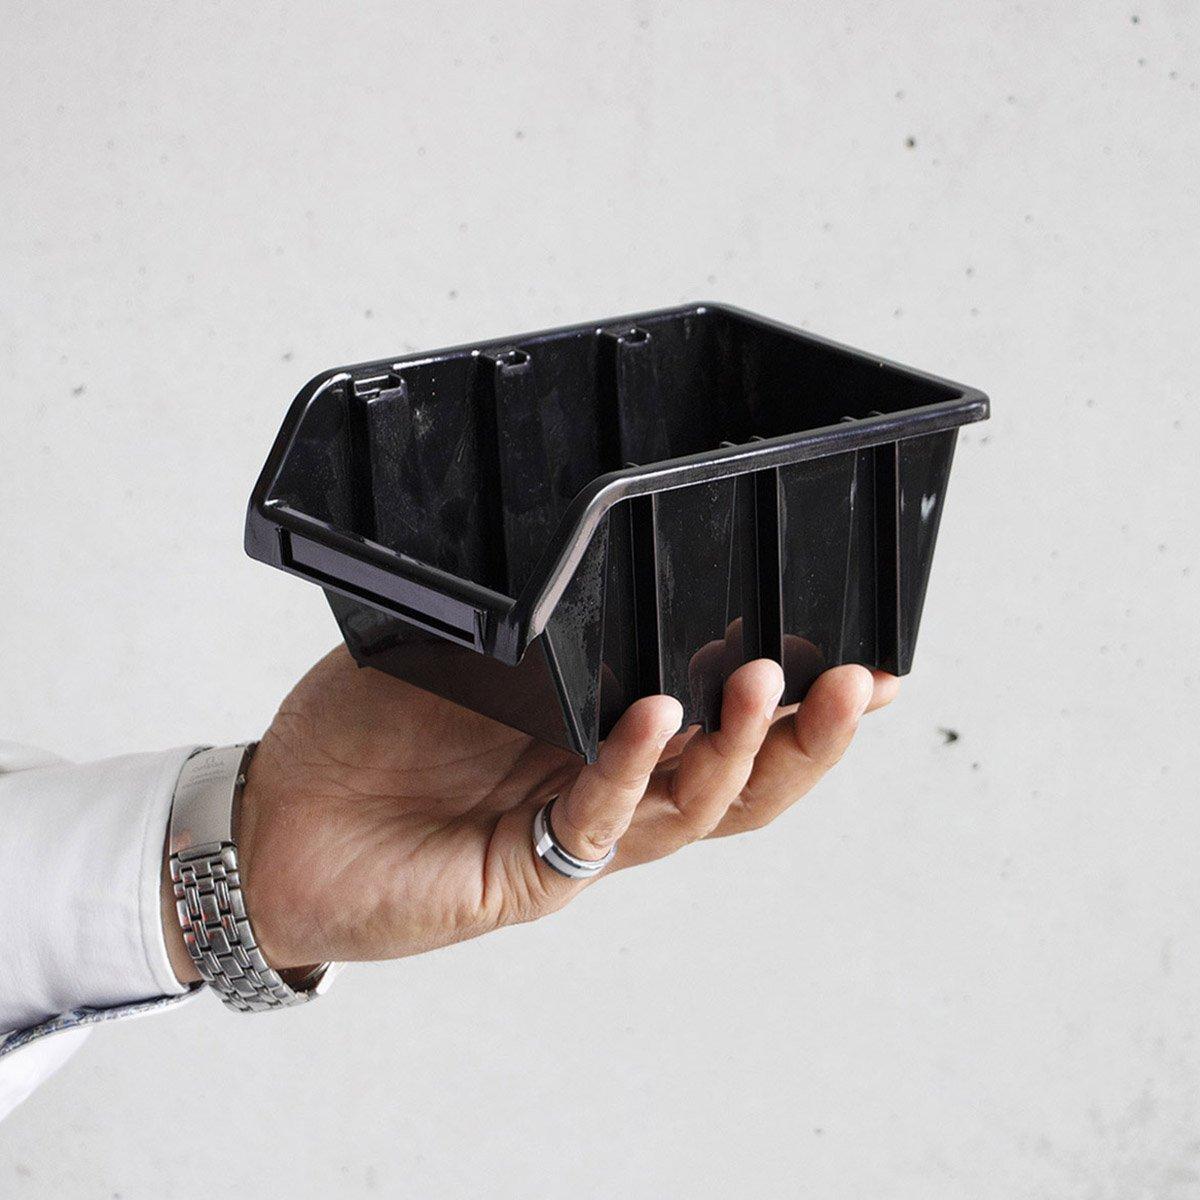 Lot de 120 bo/îtes de rangement empilables 1,5 l dans une bo/îte de rangement 19,5 x 12 x 9 cm